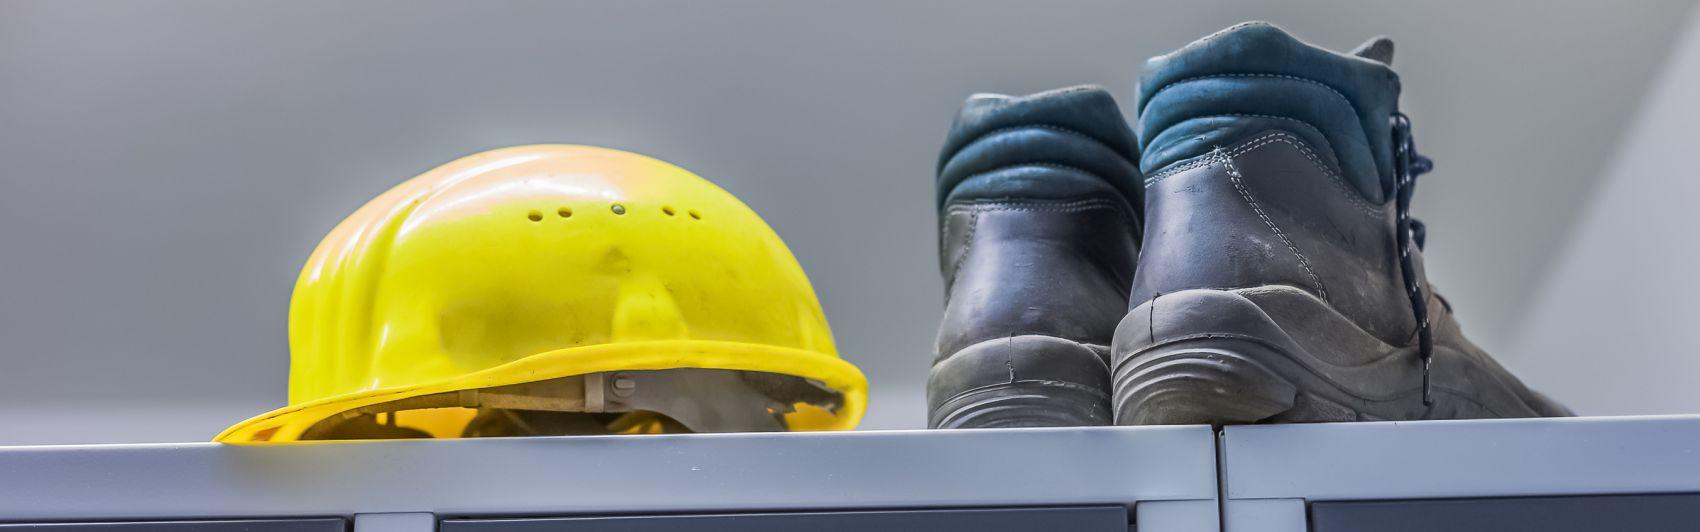 Arbeitsschutz / Unfallverhütung